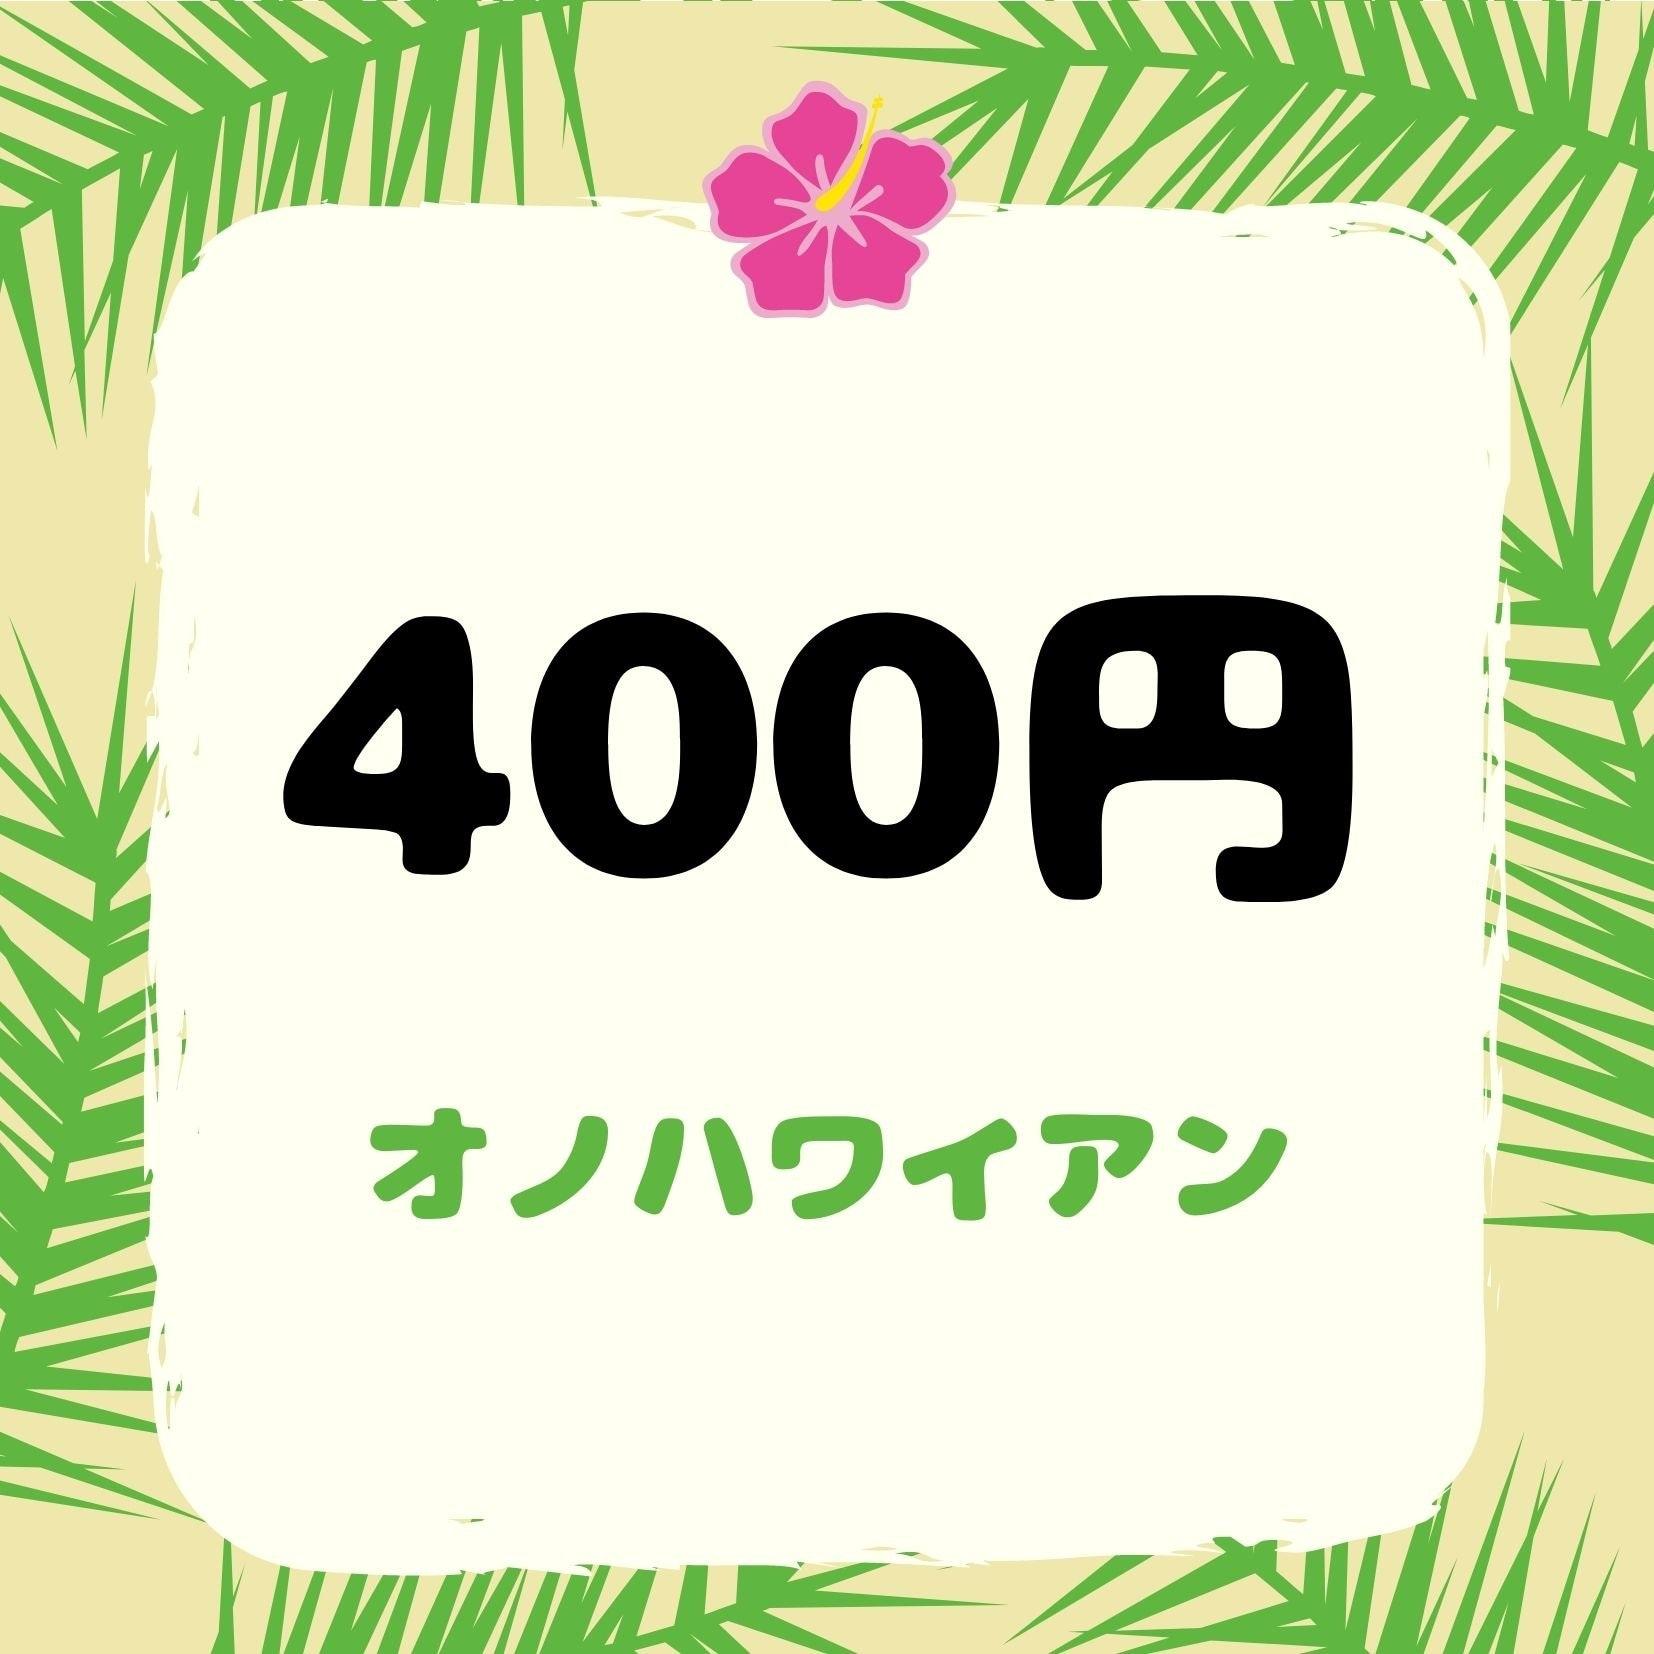 400円【店頭払い専用】ポテトフライ・オニオンリング等のイメージその1